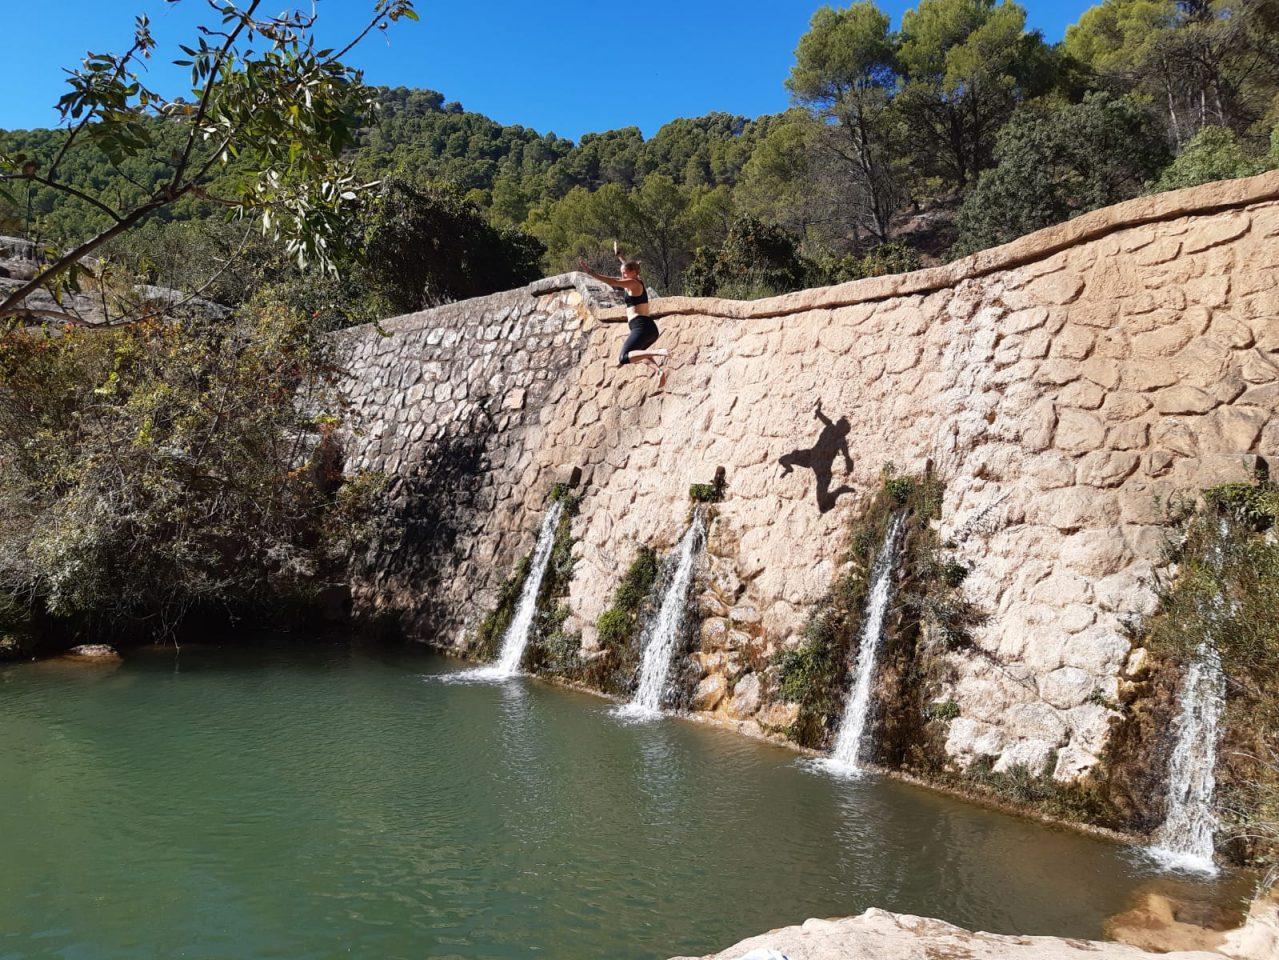 zwemmen tijdens outdoor week voor scholen, actieve jongerenvakantie